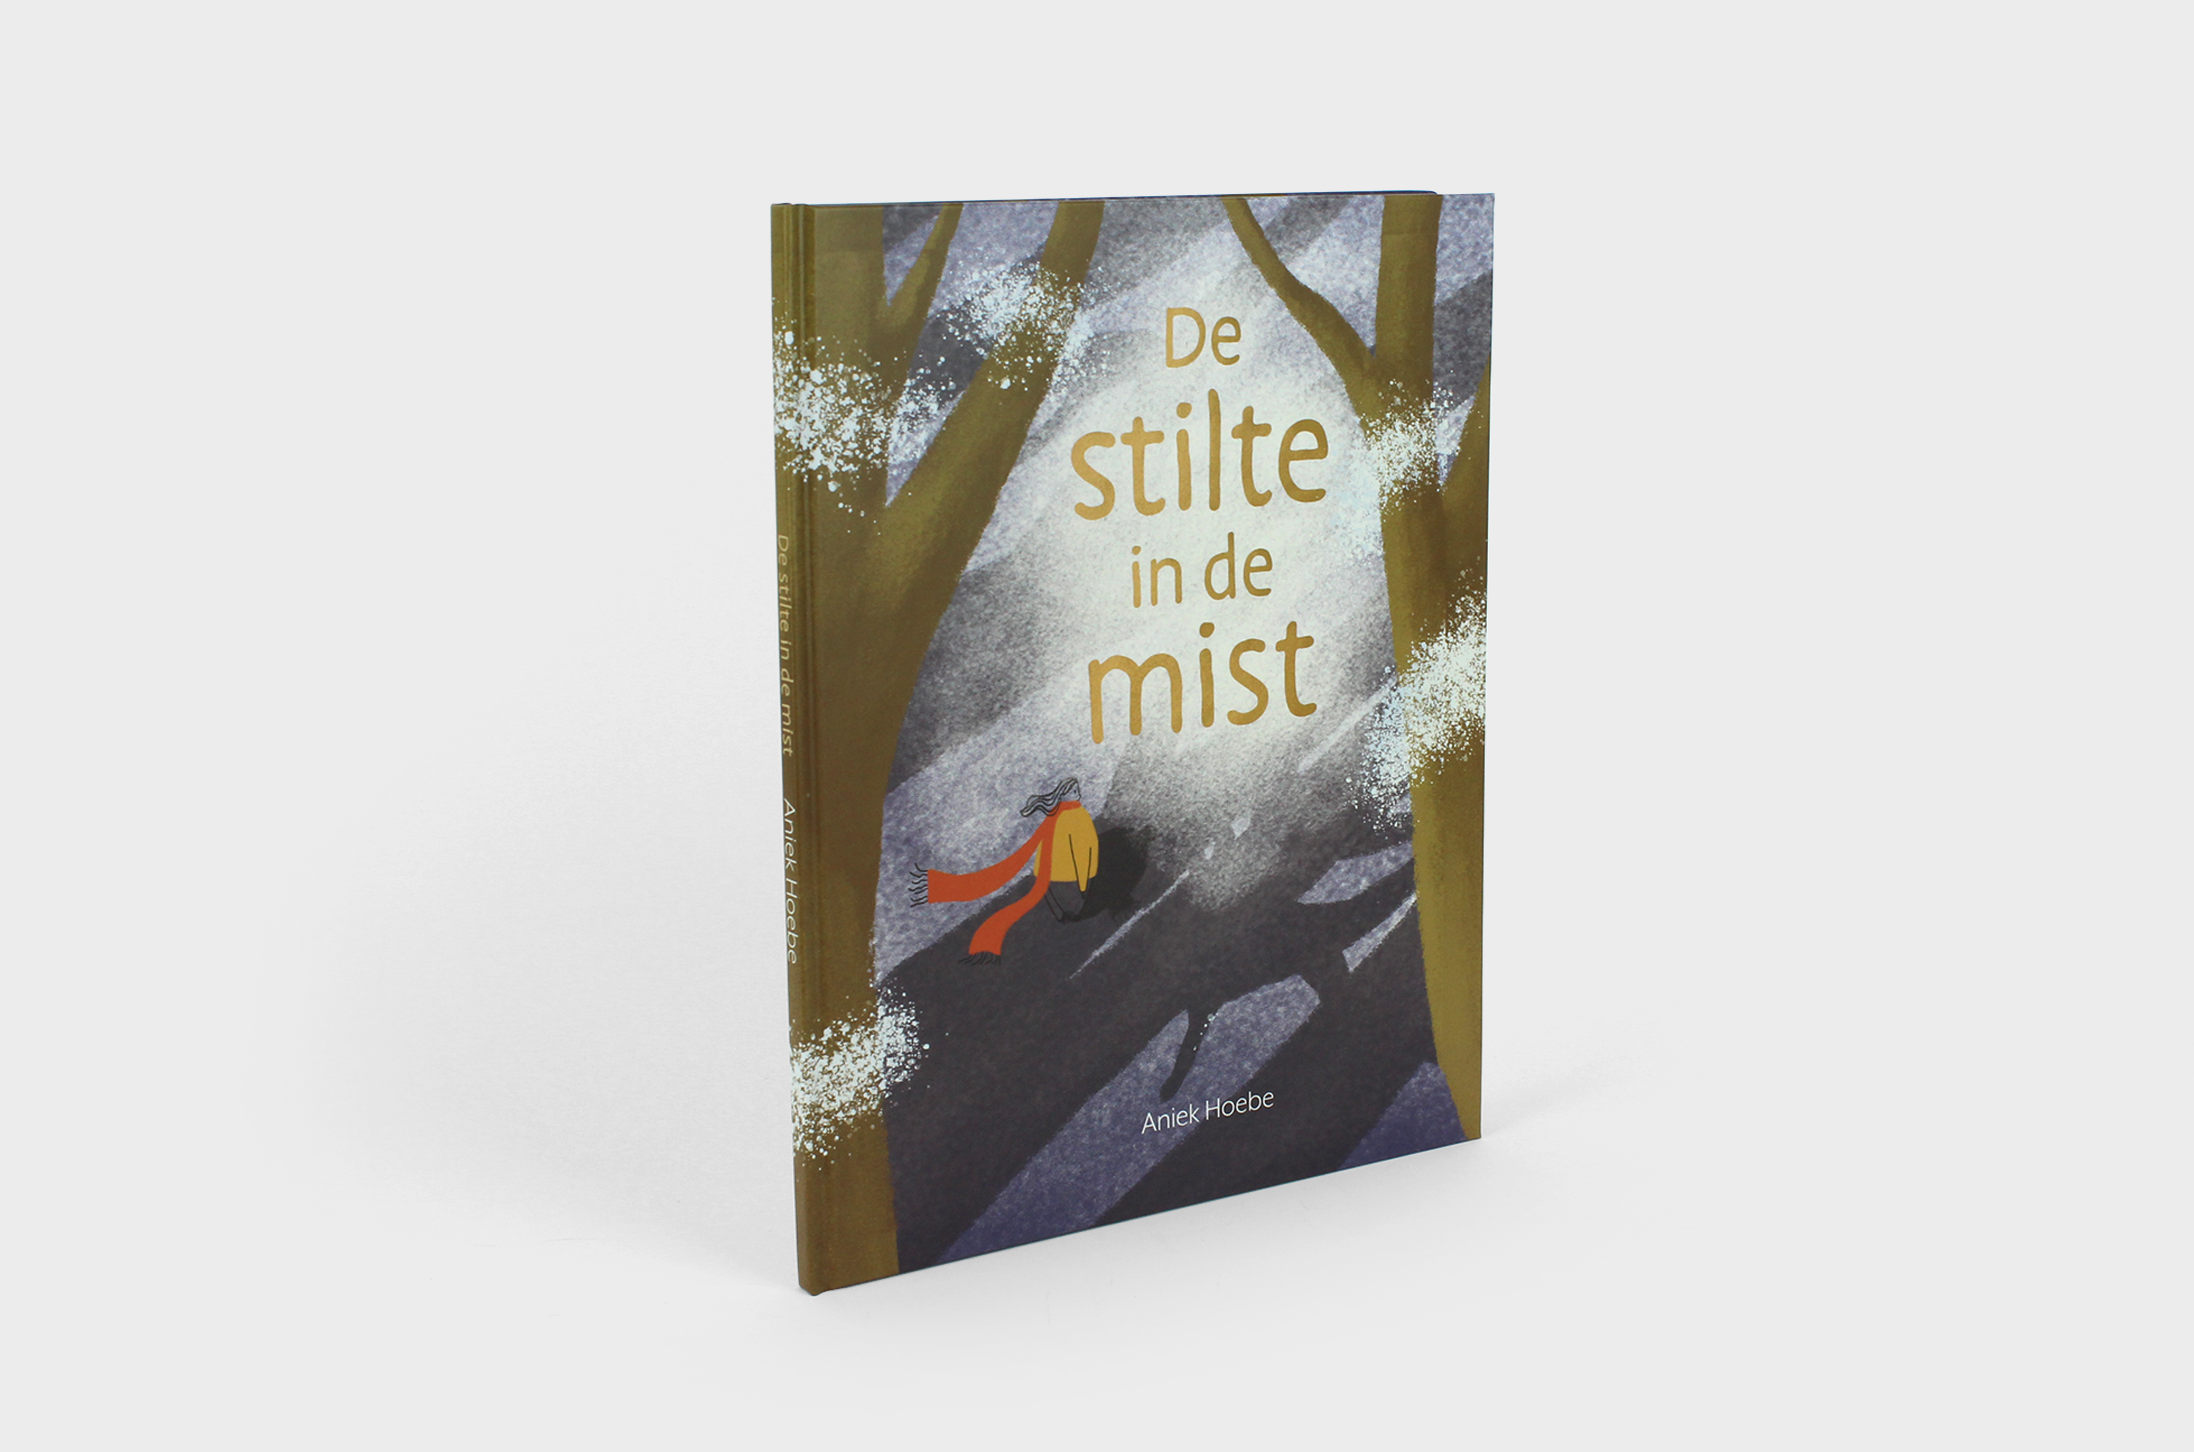 De stilte in de mist